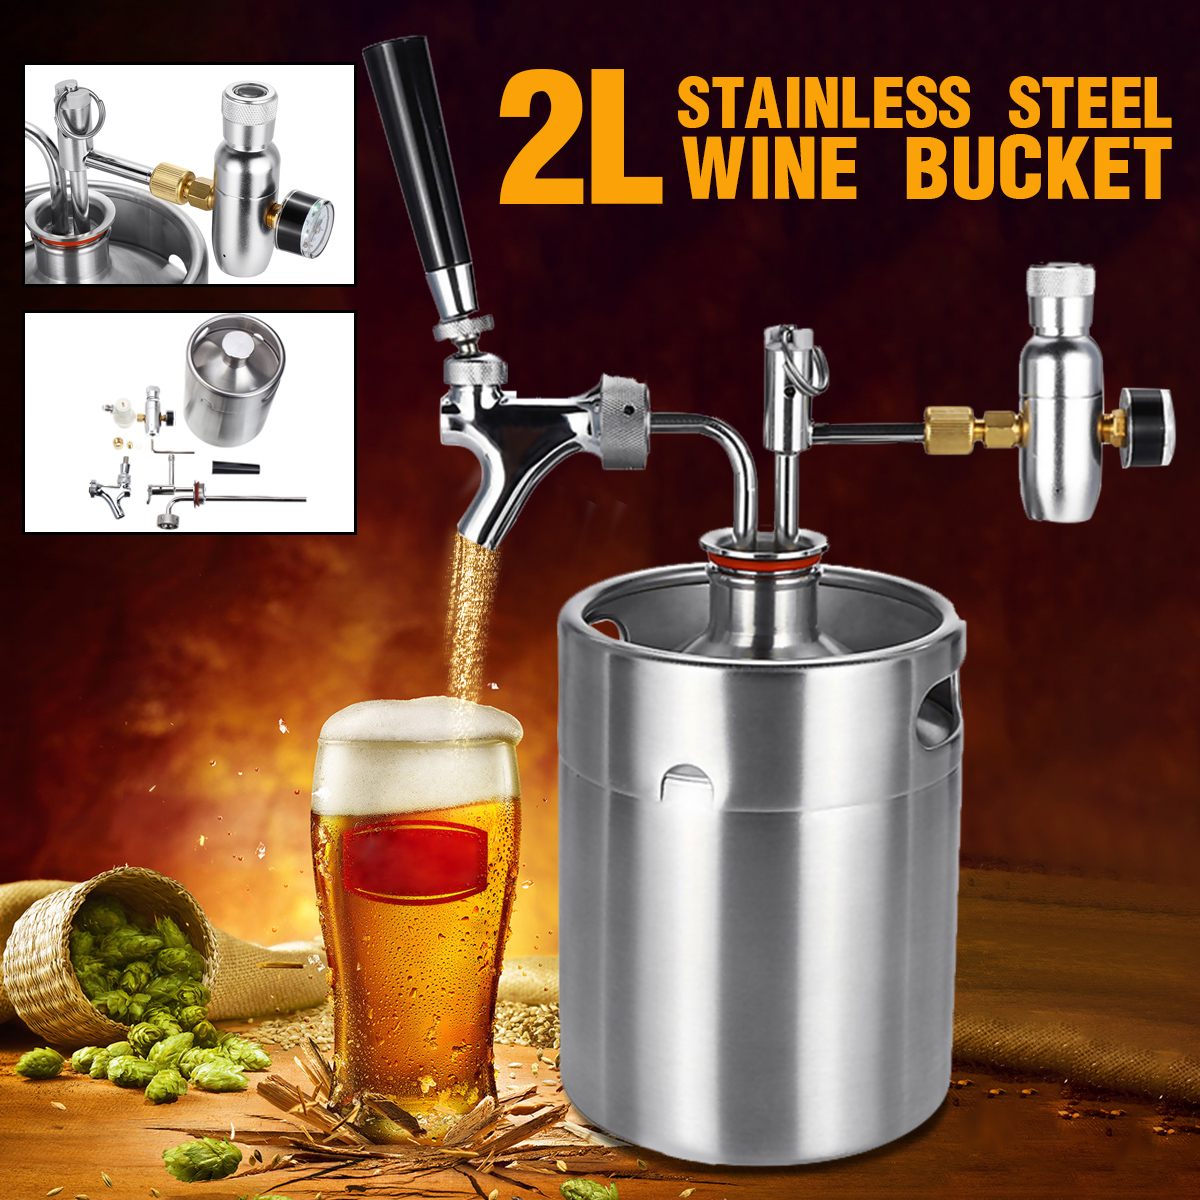 2 l barril de cerveza de vino de acero inoxidable duradero dispensador de cerveza casero Growler cerveza elaboración artesanal Mini barril de cerveza con grifo presurizado